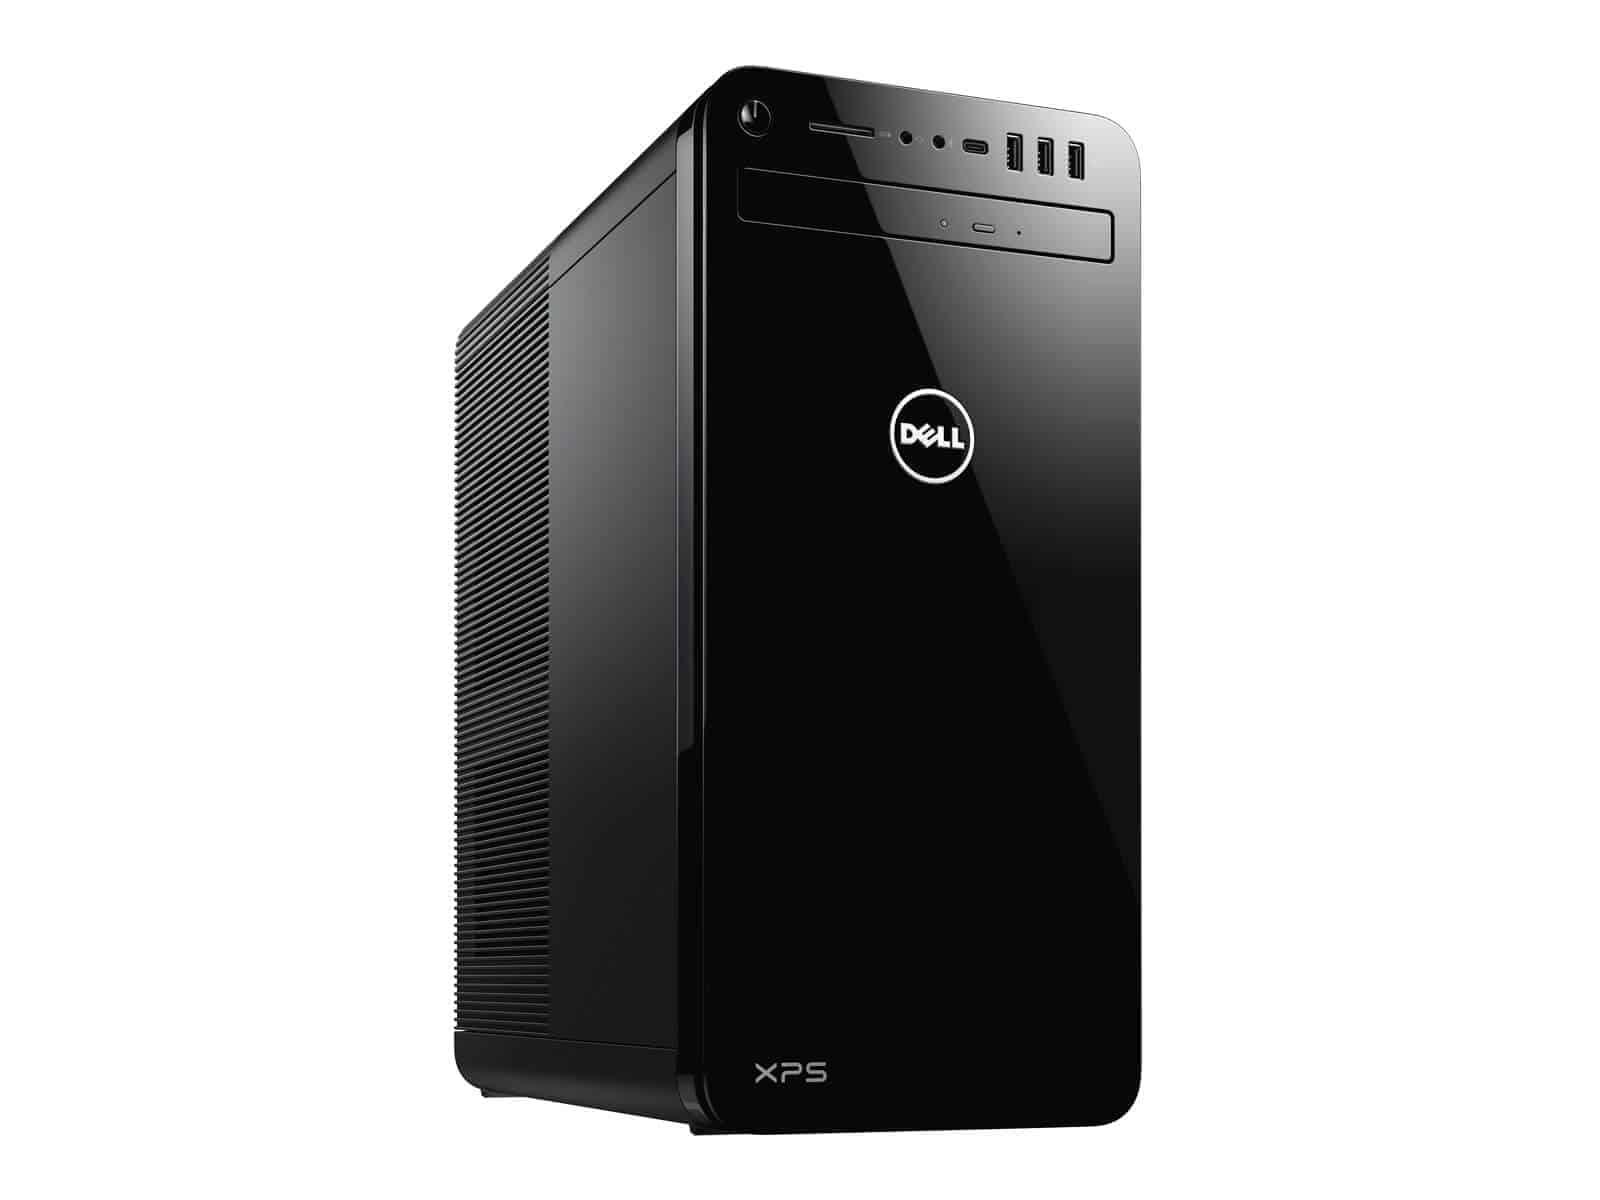 Dell XPS 8930 DT i7-8700 16GB 256GBSSD+2TB DVD